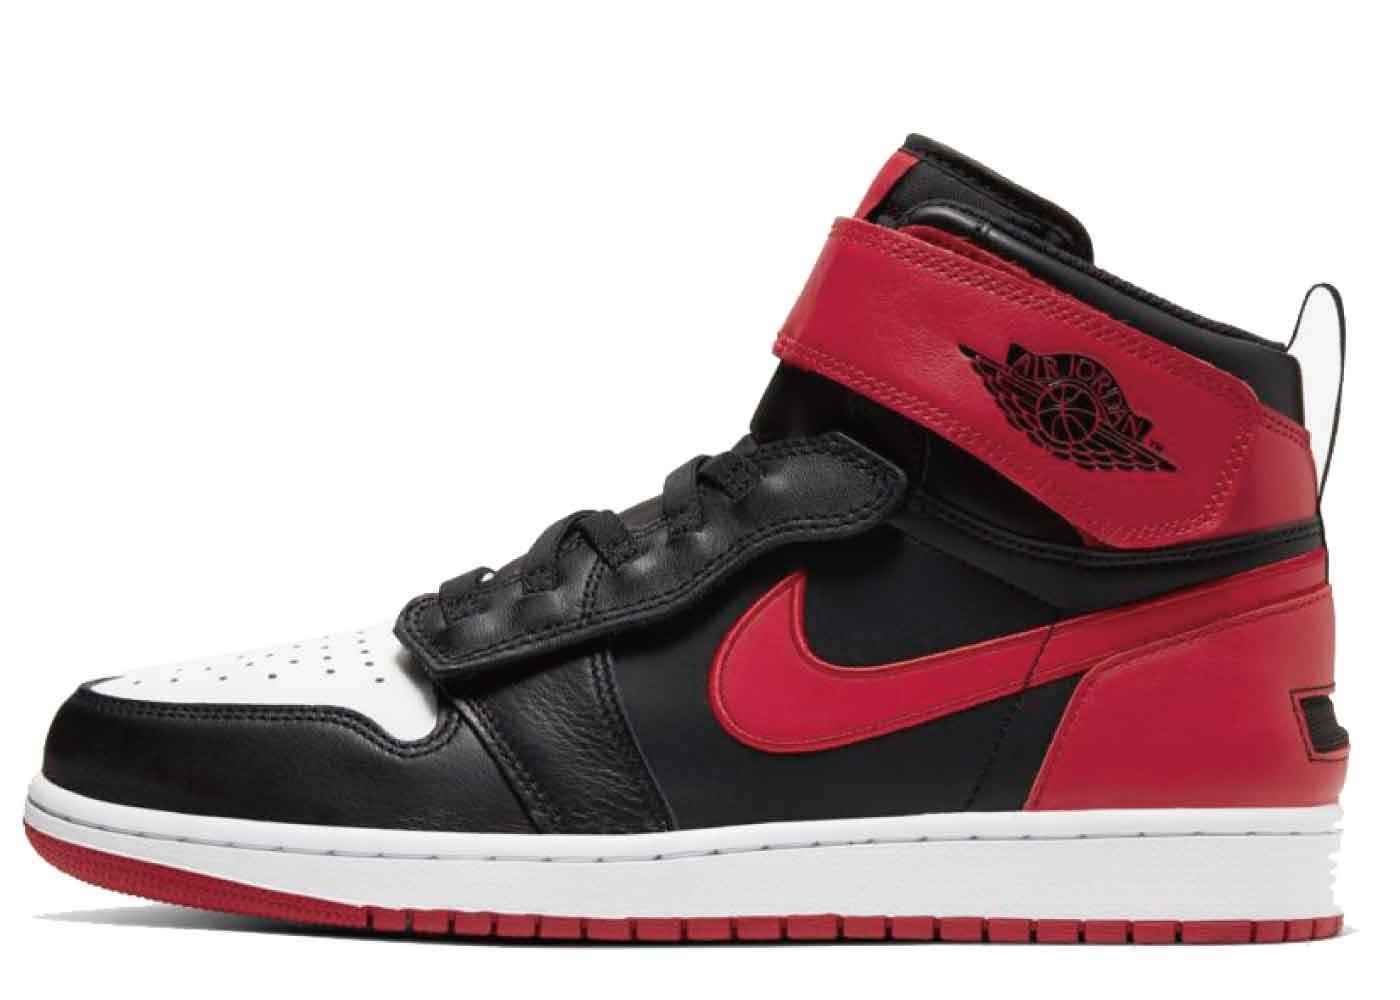 Nike Air Jordan 1 Flyease Bred White Toeの写真